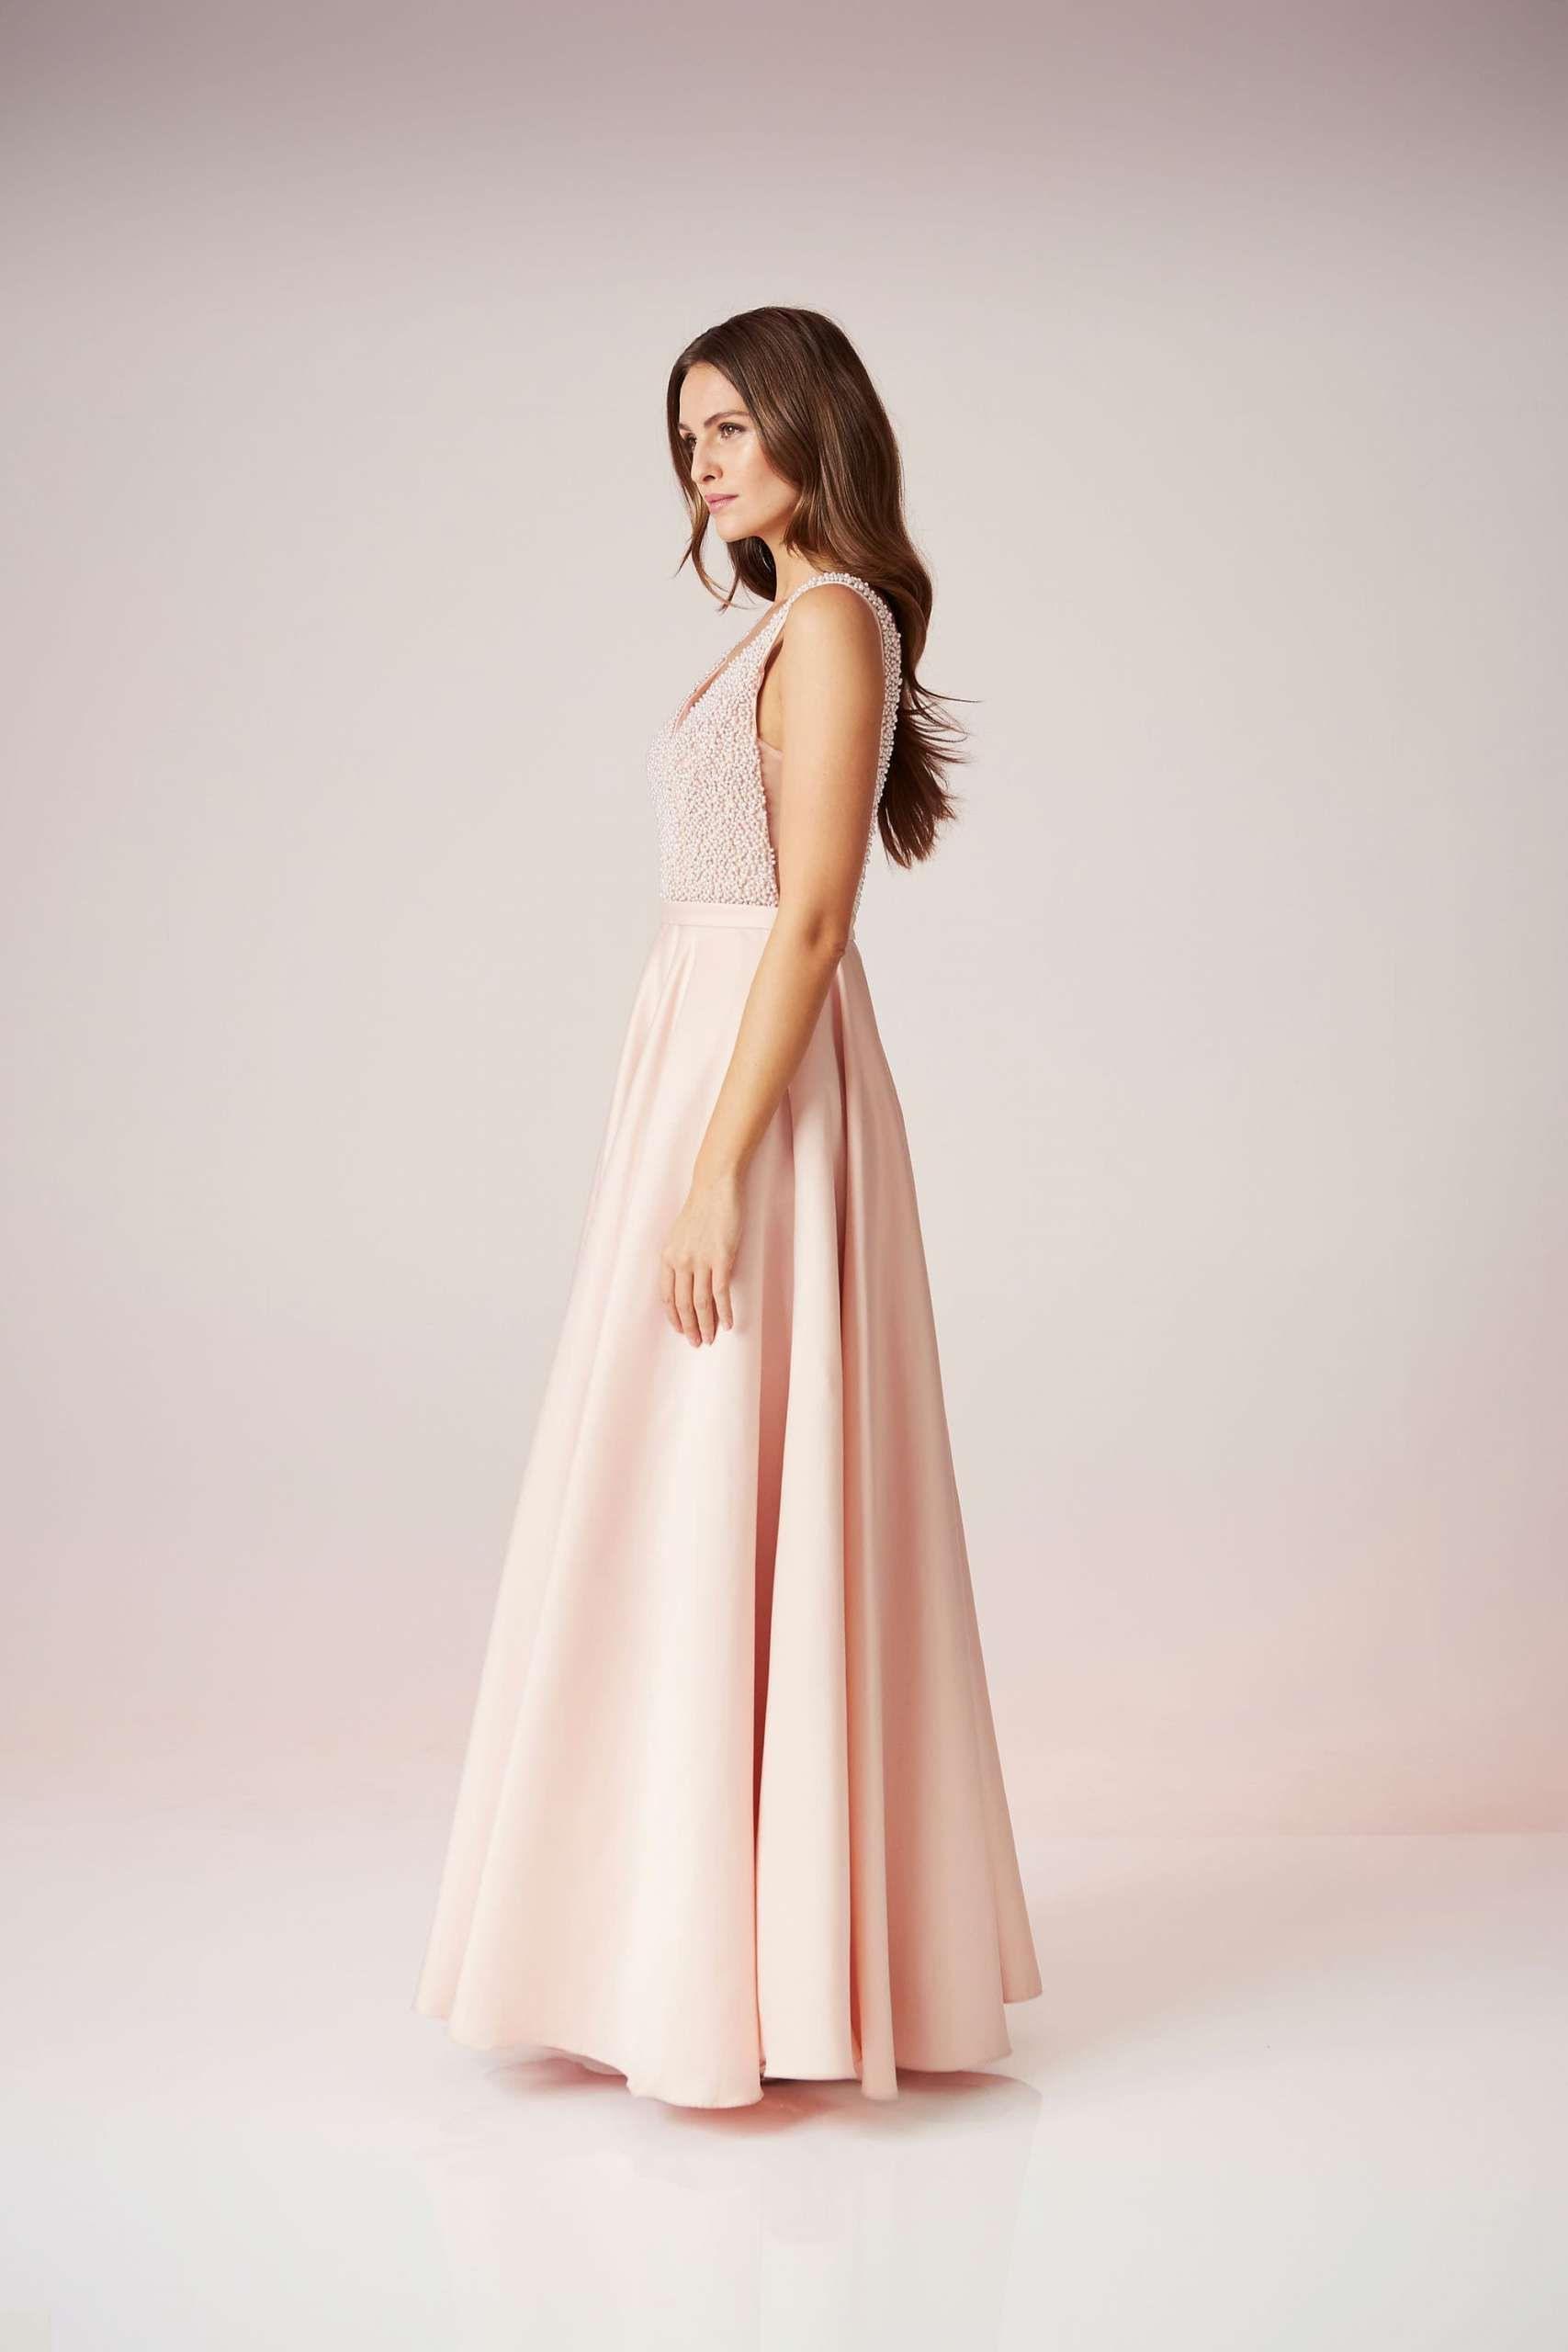 15 Spektakulär Abendkleider Neumünster Spezialgebiet Kreativ Abendkleider Neumünster für 2019